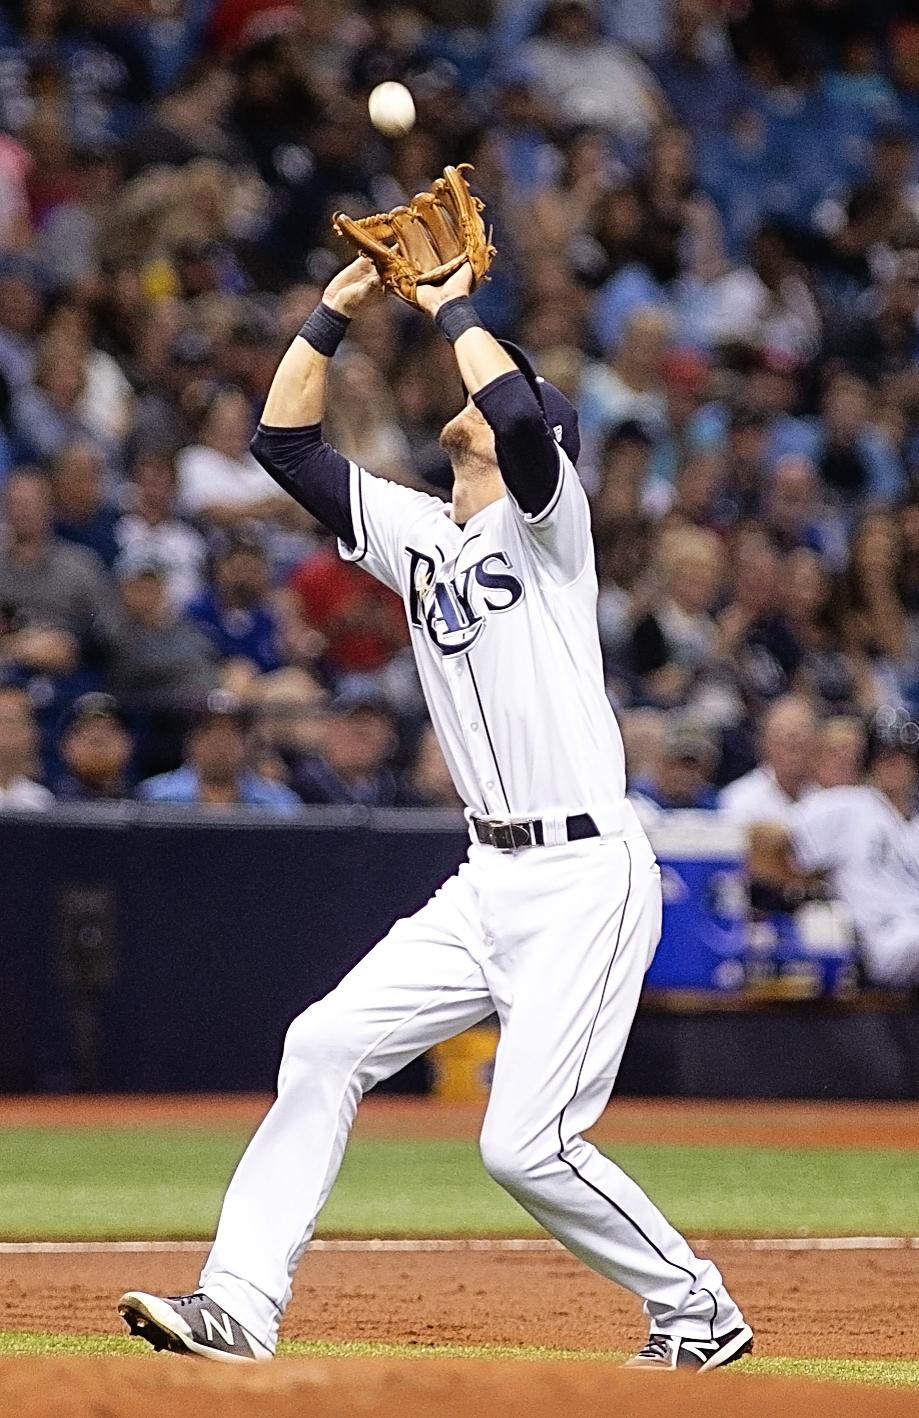 Duffy makes a catch in foul territory./CARMEN MANDATO